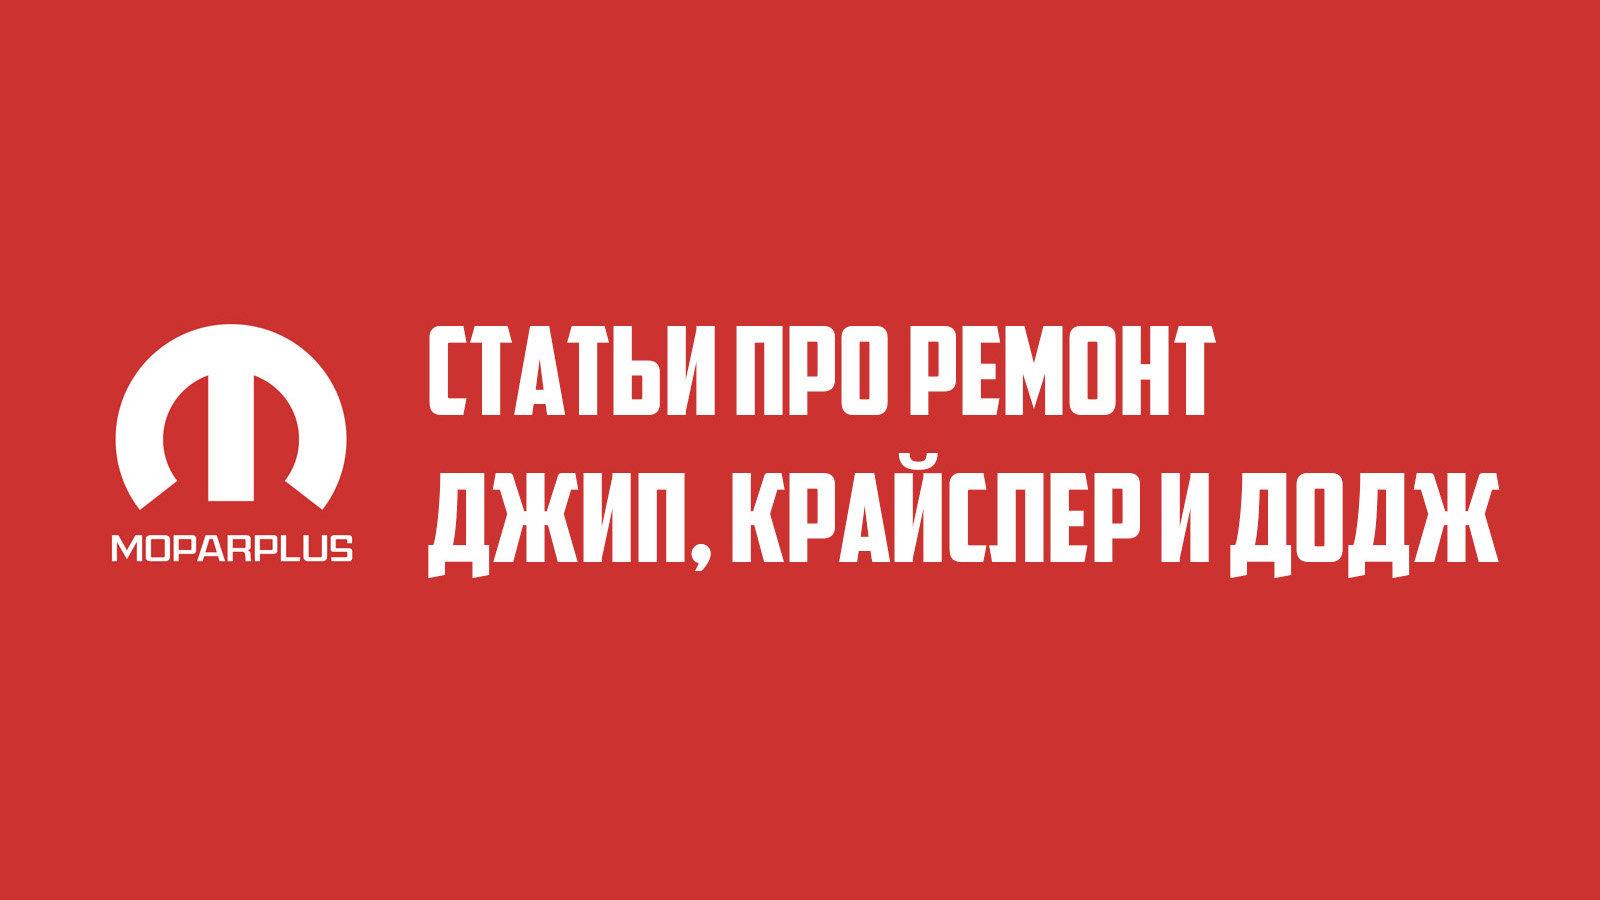 Статьи про ремонт. Выпуск №21.